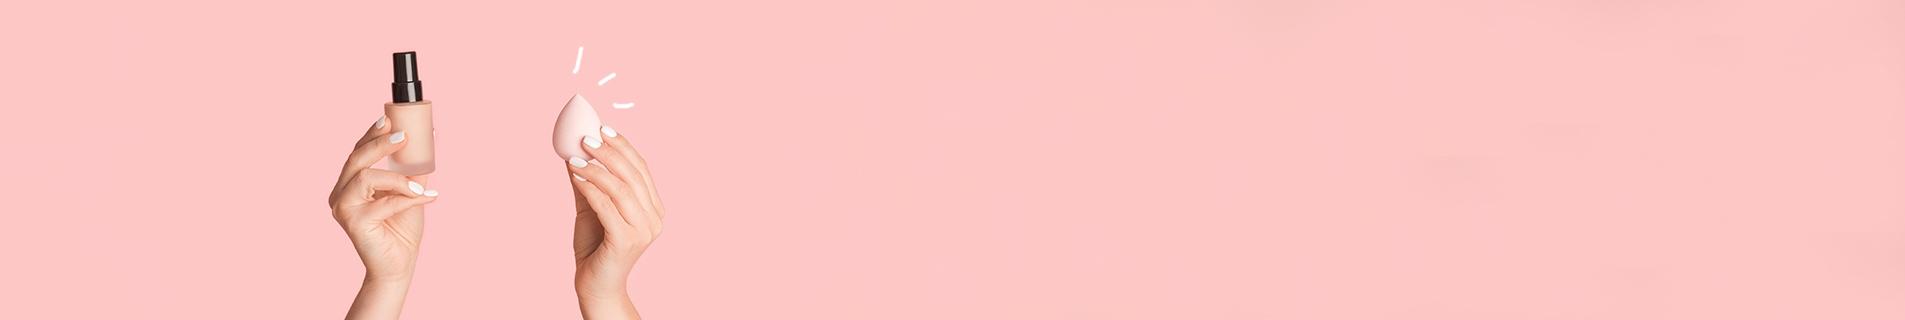 Pinceau et éponge teint pas cher | Accessoires teint | SAGA Cosmetics